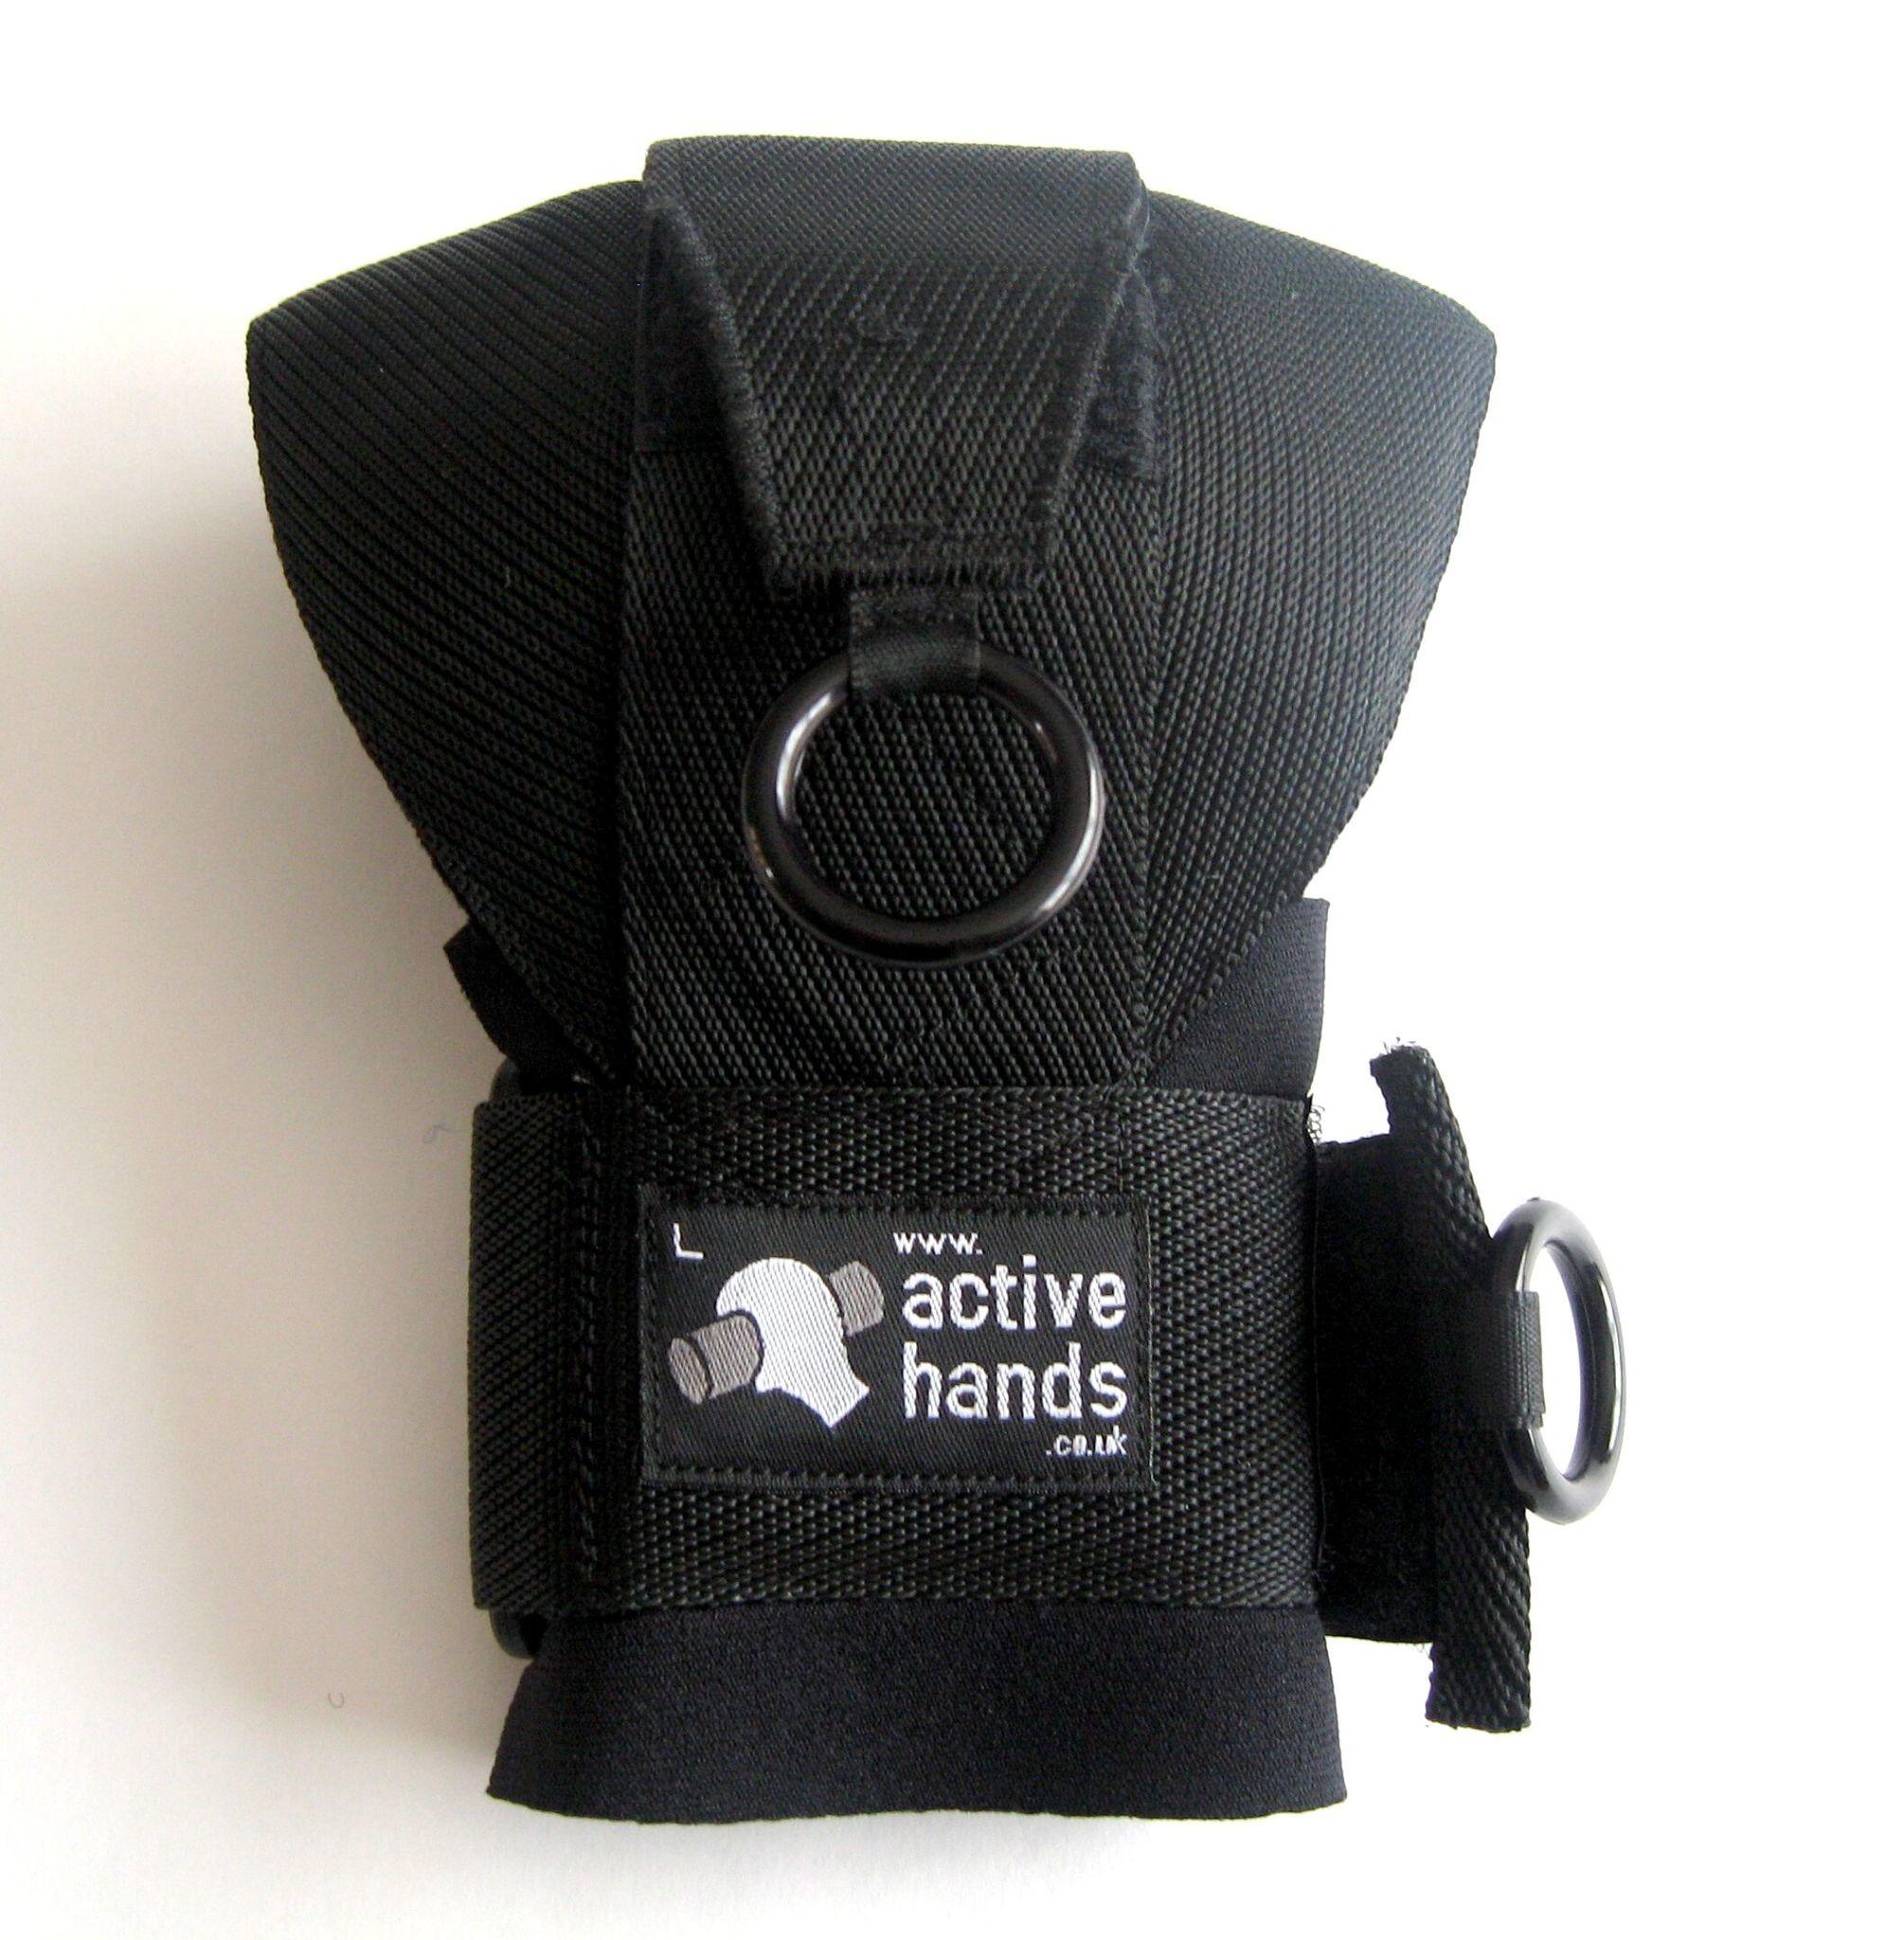 Active Hands Active Hands